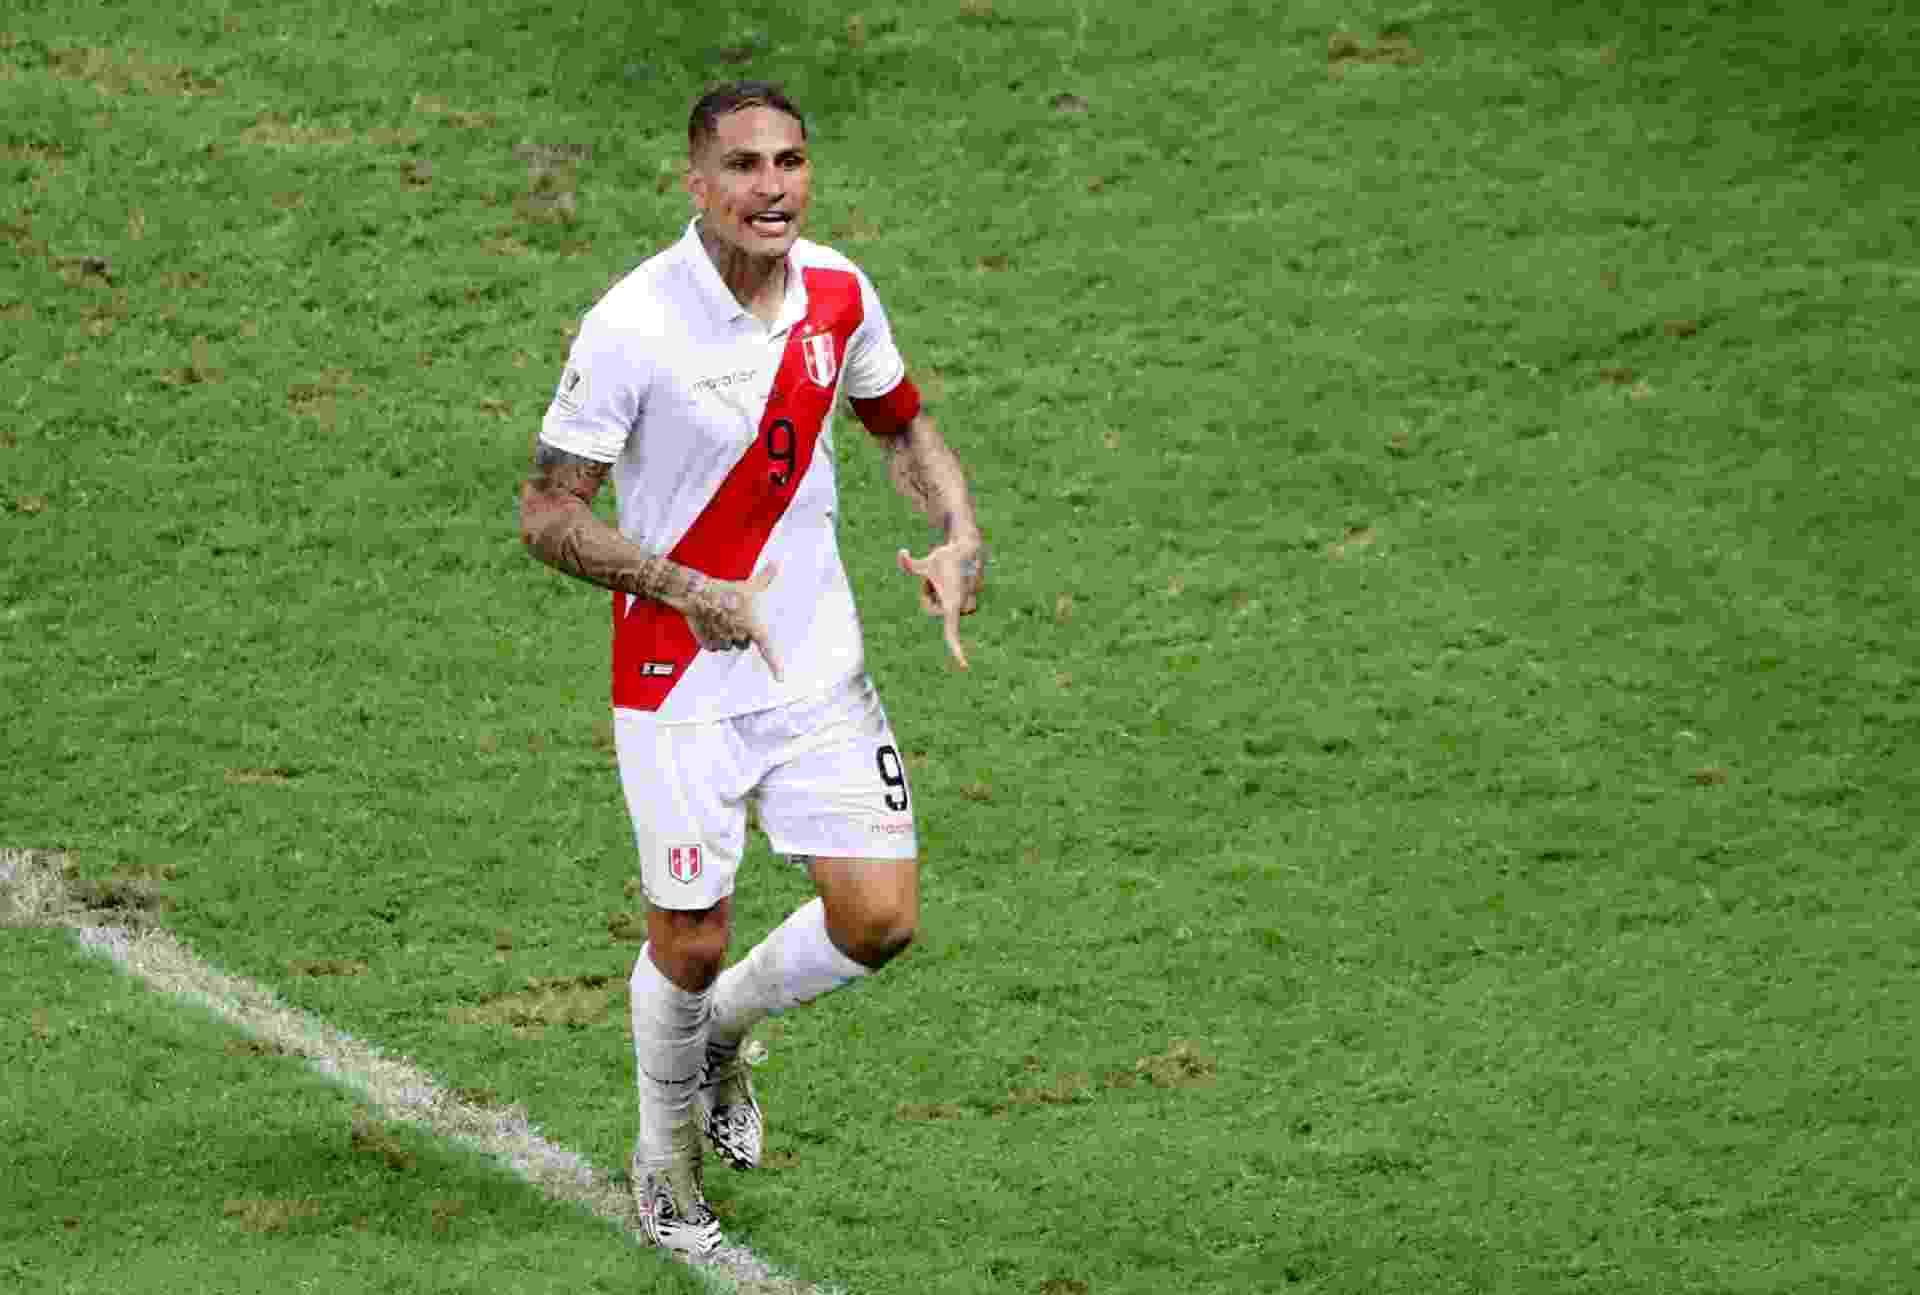 Guerrero, da seleção peruana, vibra com pênalti convertido contra o Uruguai na Copa América - undefined